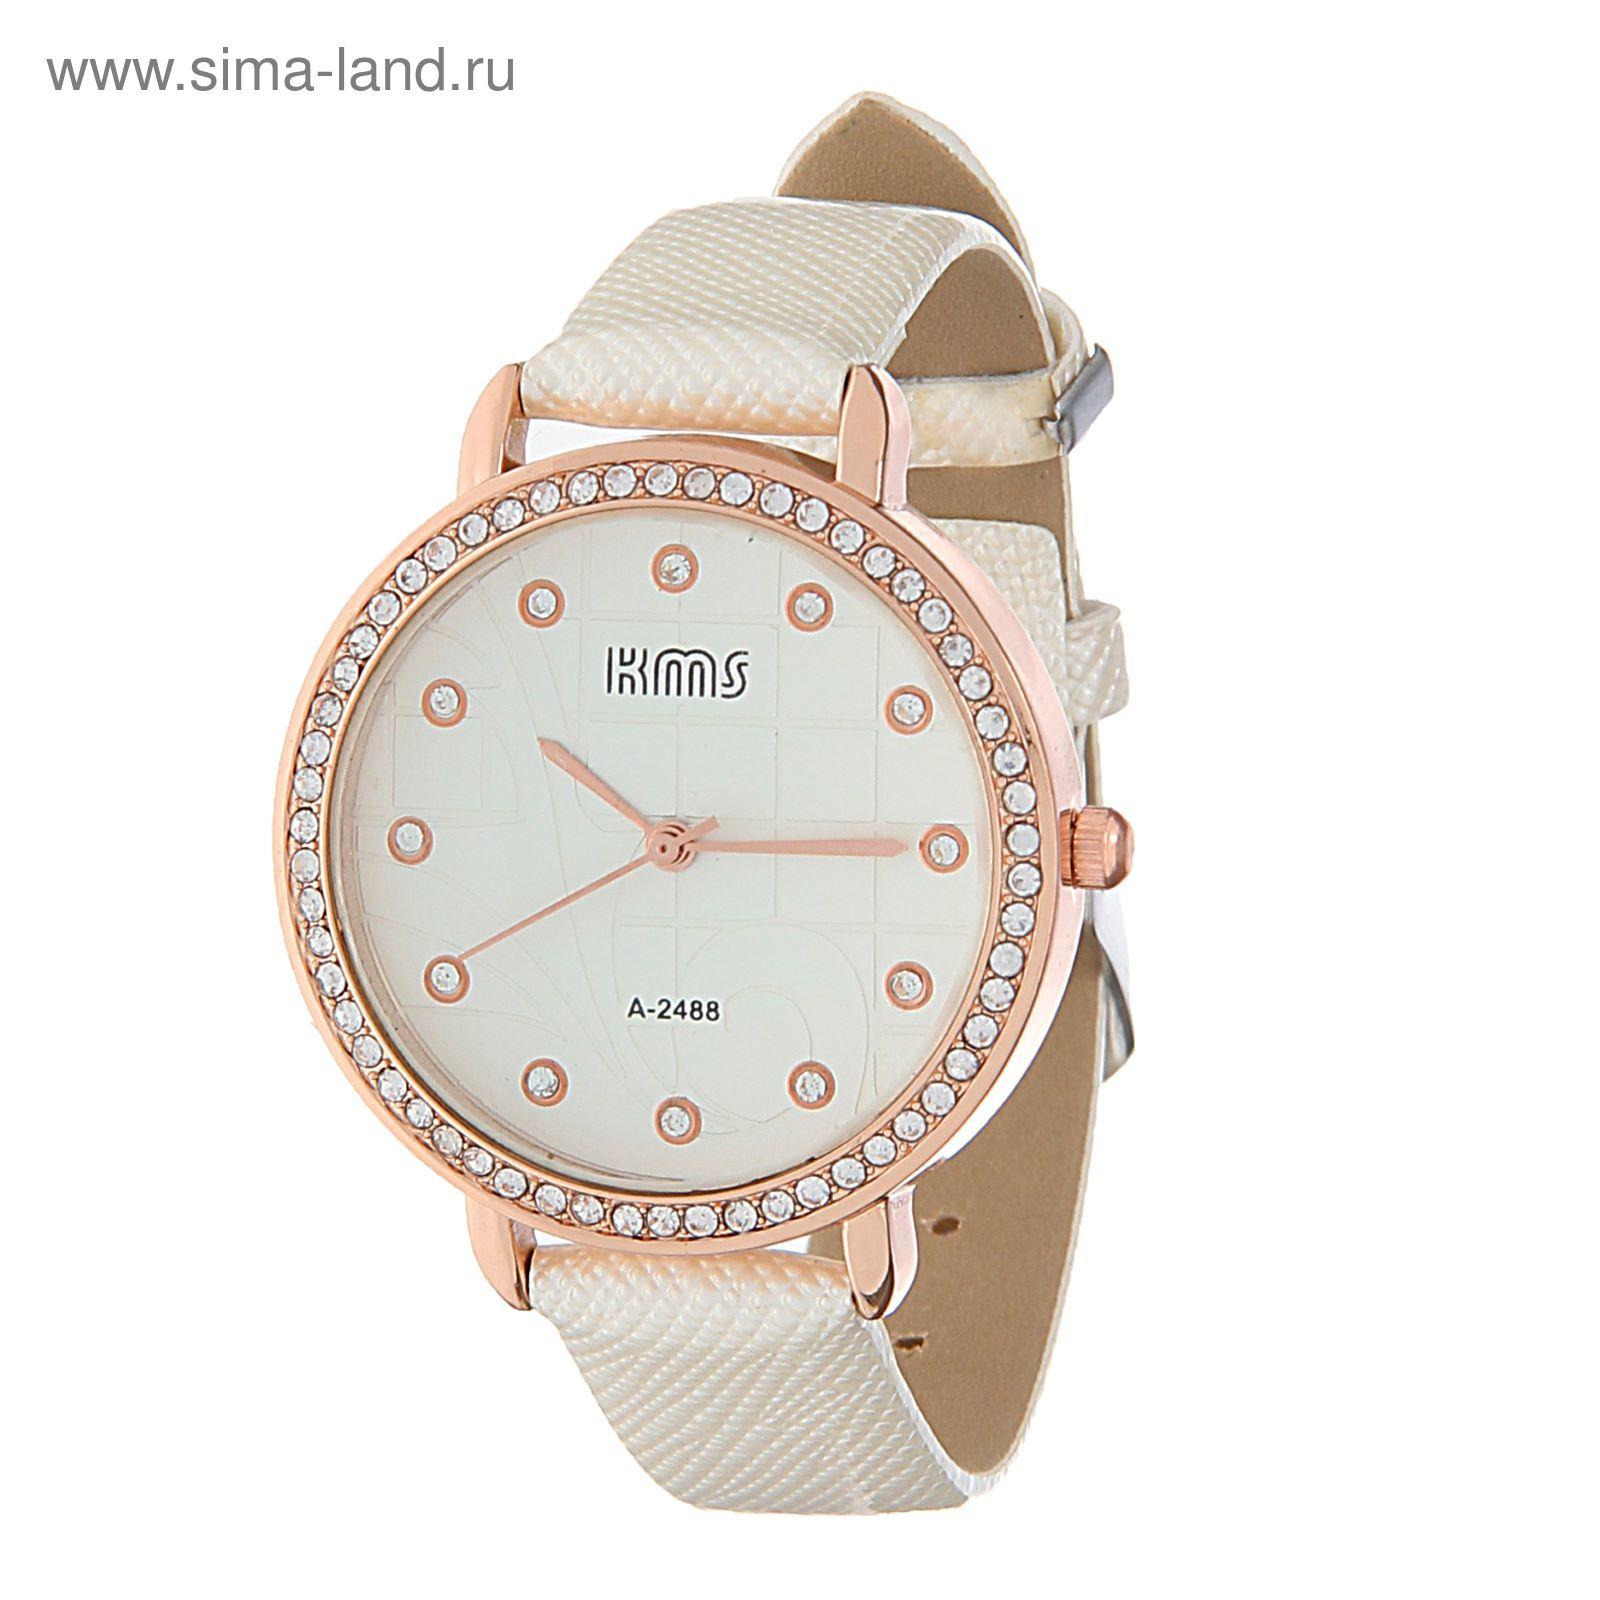 e7331933 Часы наручные женские KMS, стразы, рисунок, ремешок белый (1792360 ...